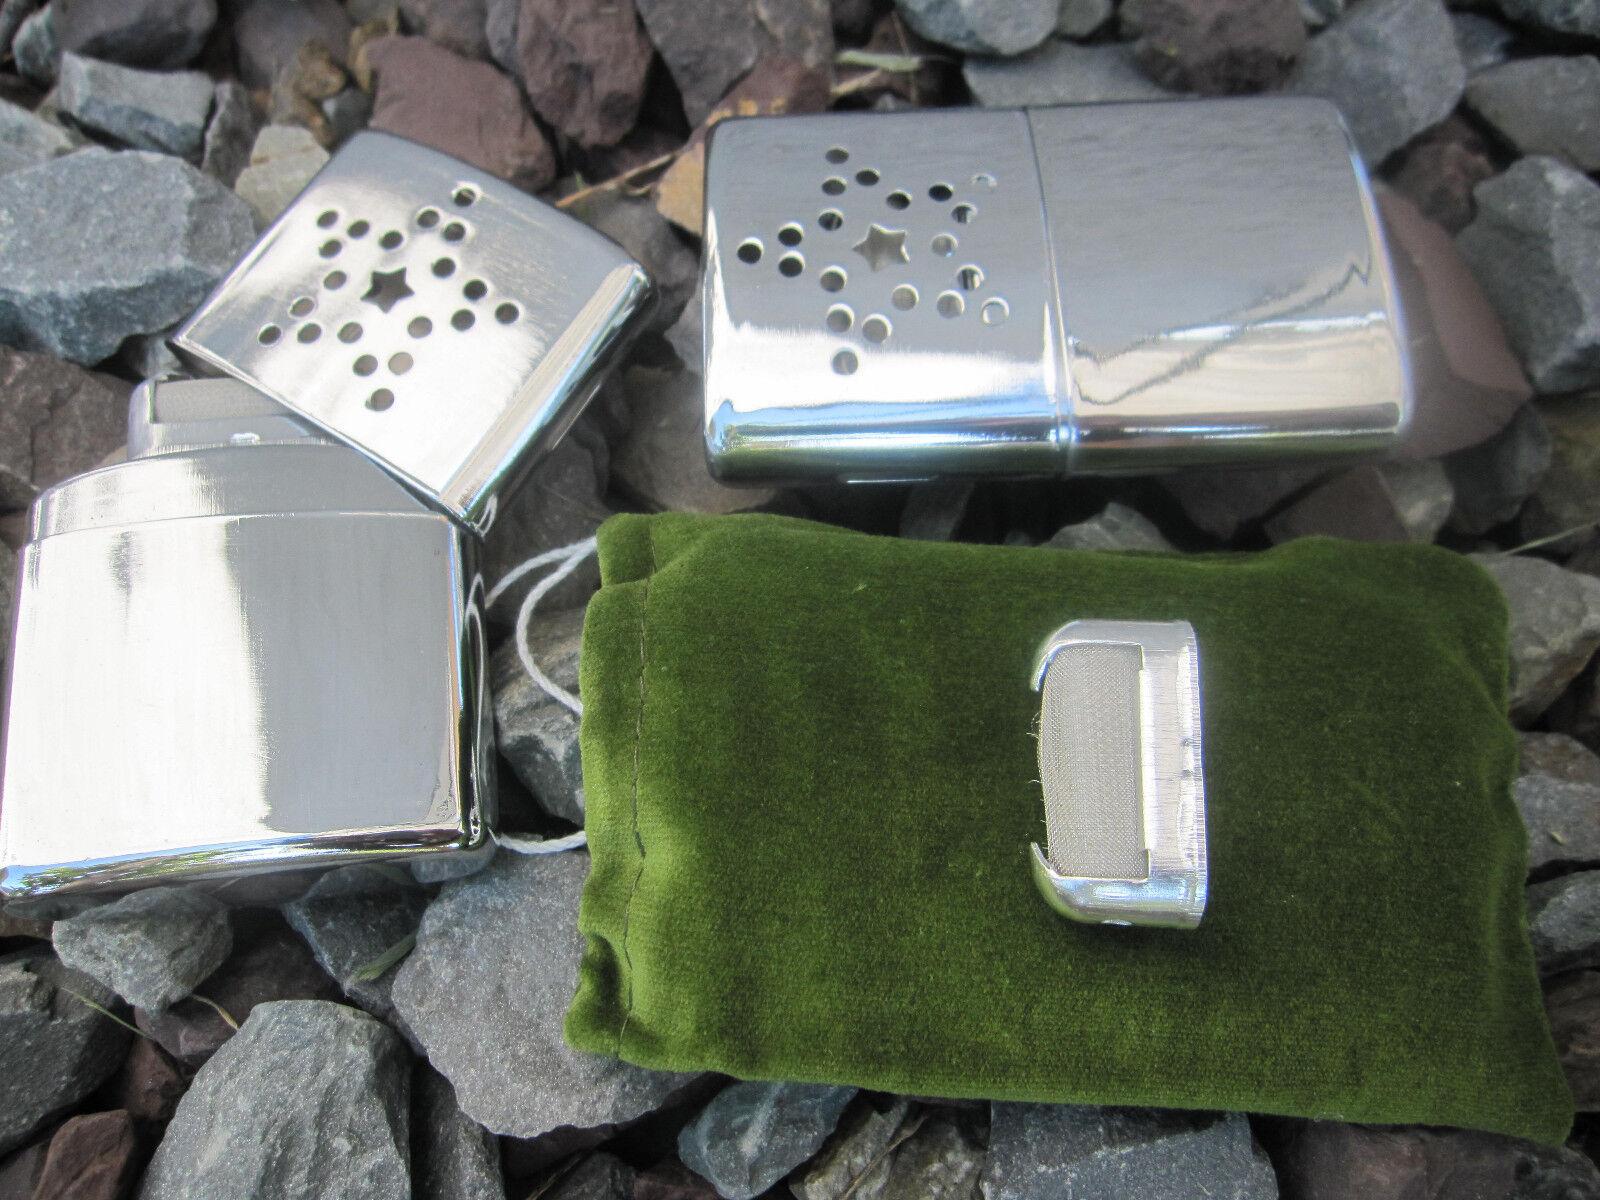 2 in 1 Taschenwärmer + Ersatzbrennkopf Handwärmer Outdoor Taschenofen Benzin